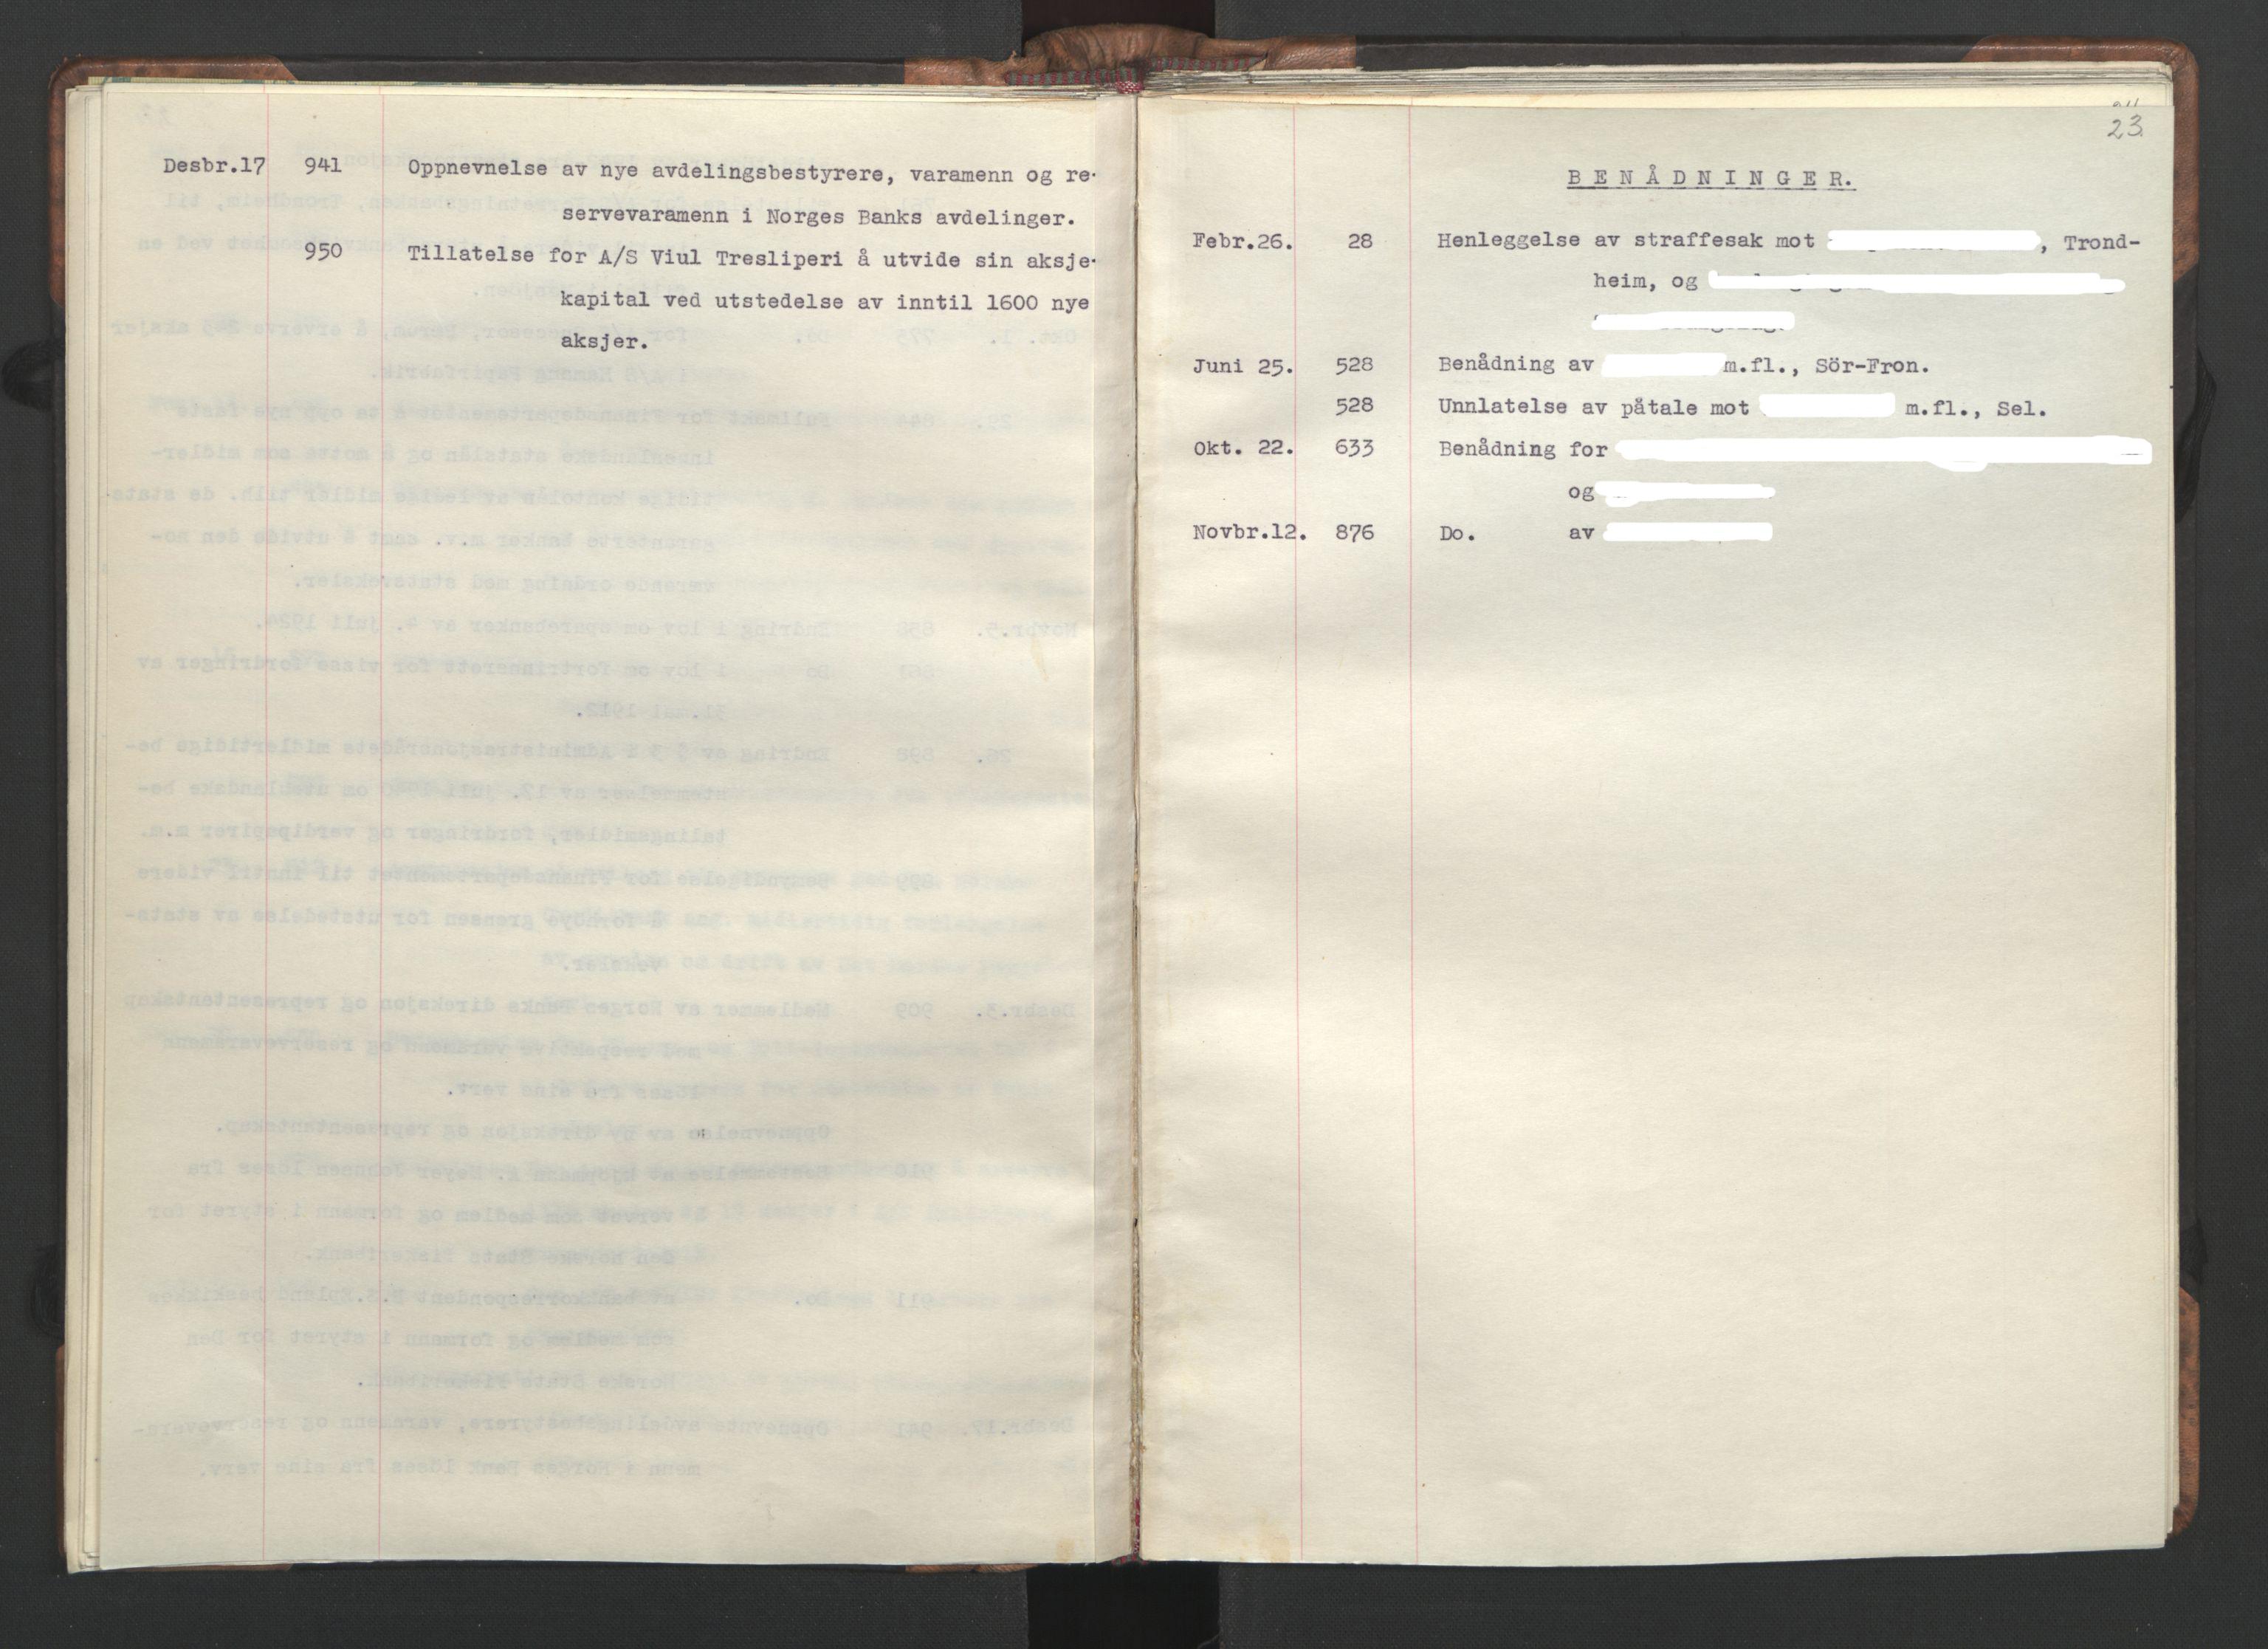 RA, NS-administrasjonen 1940-1945 (Statsrådsekretariatet, de kommisariske statsråder mm), D/Da/L0002: Register (RA j.nr. 985/1943, tilgangsnr. 17/1943), 1942, s. 22b-23a